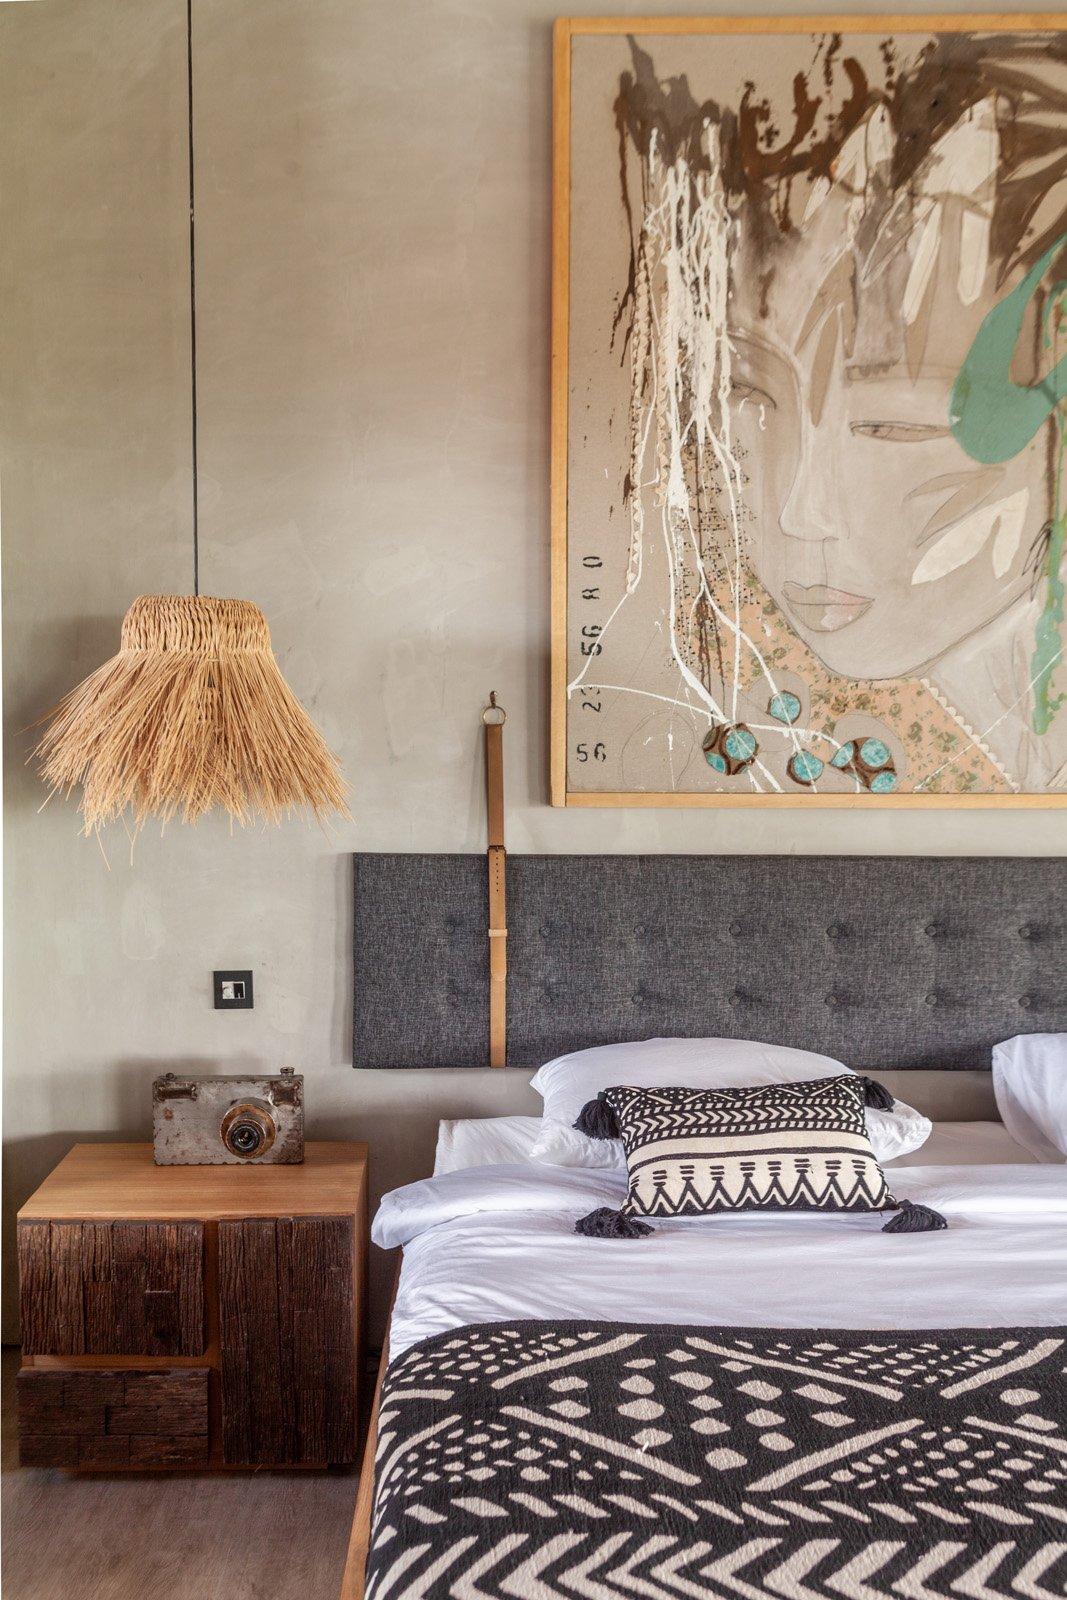 Bali Interiors- Cala Saona Biombo Architects- homes- decor-holiday-architecture